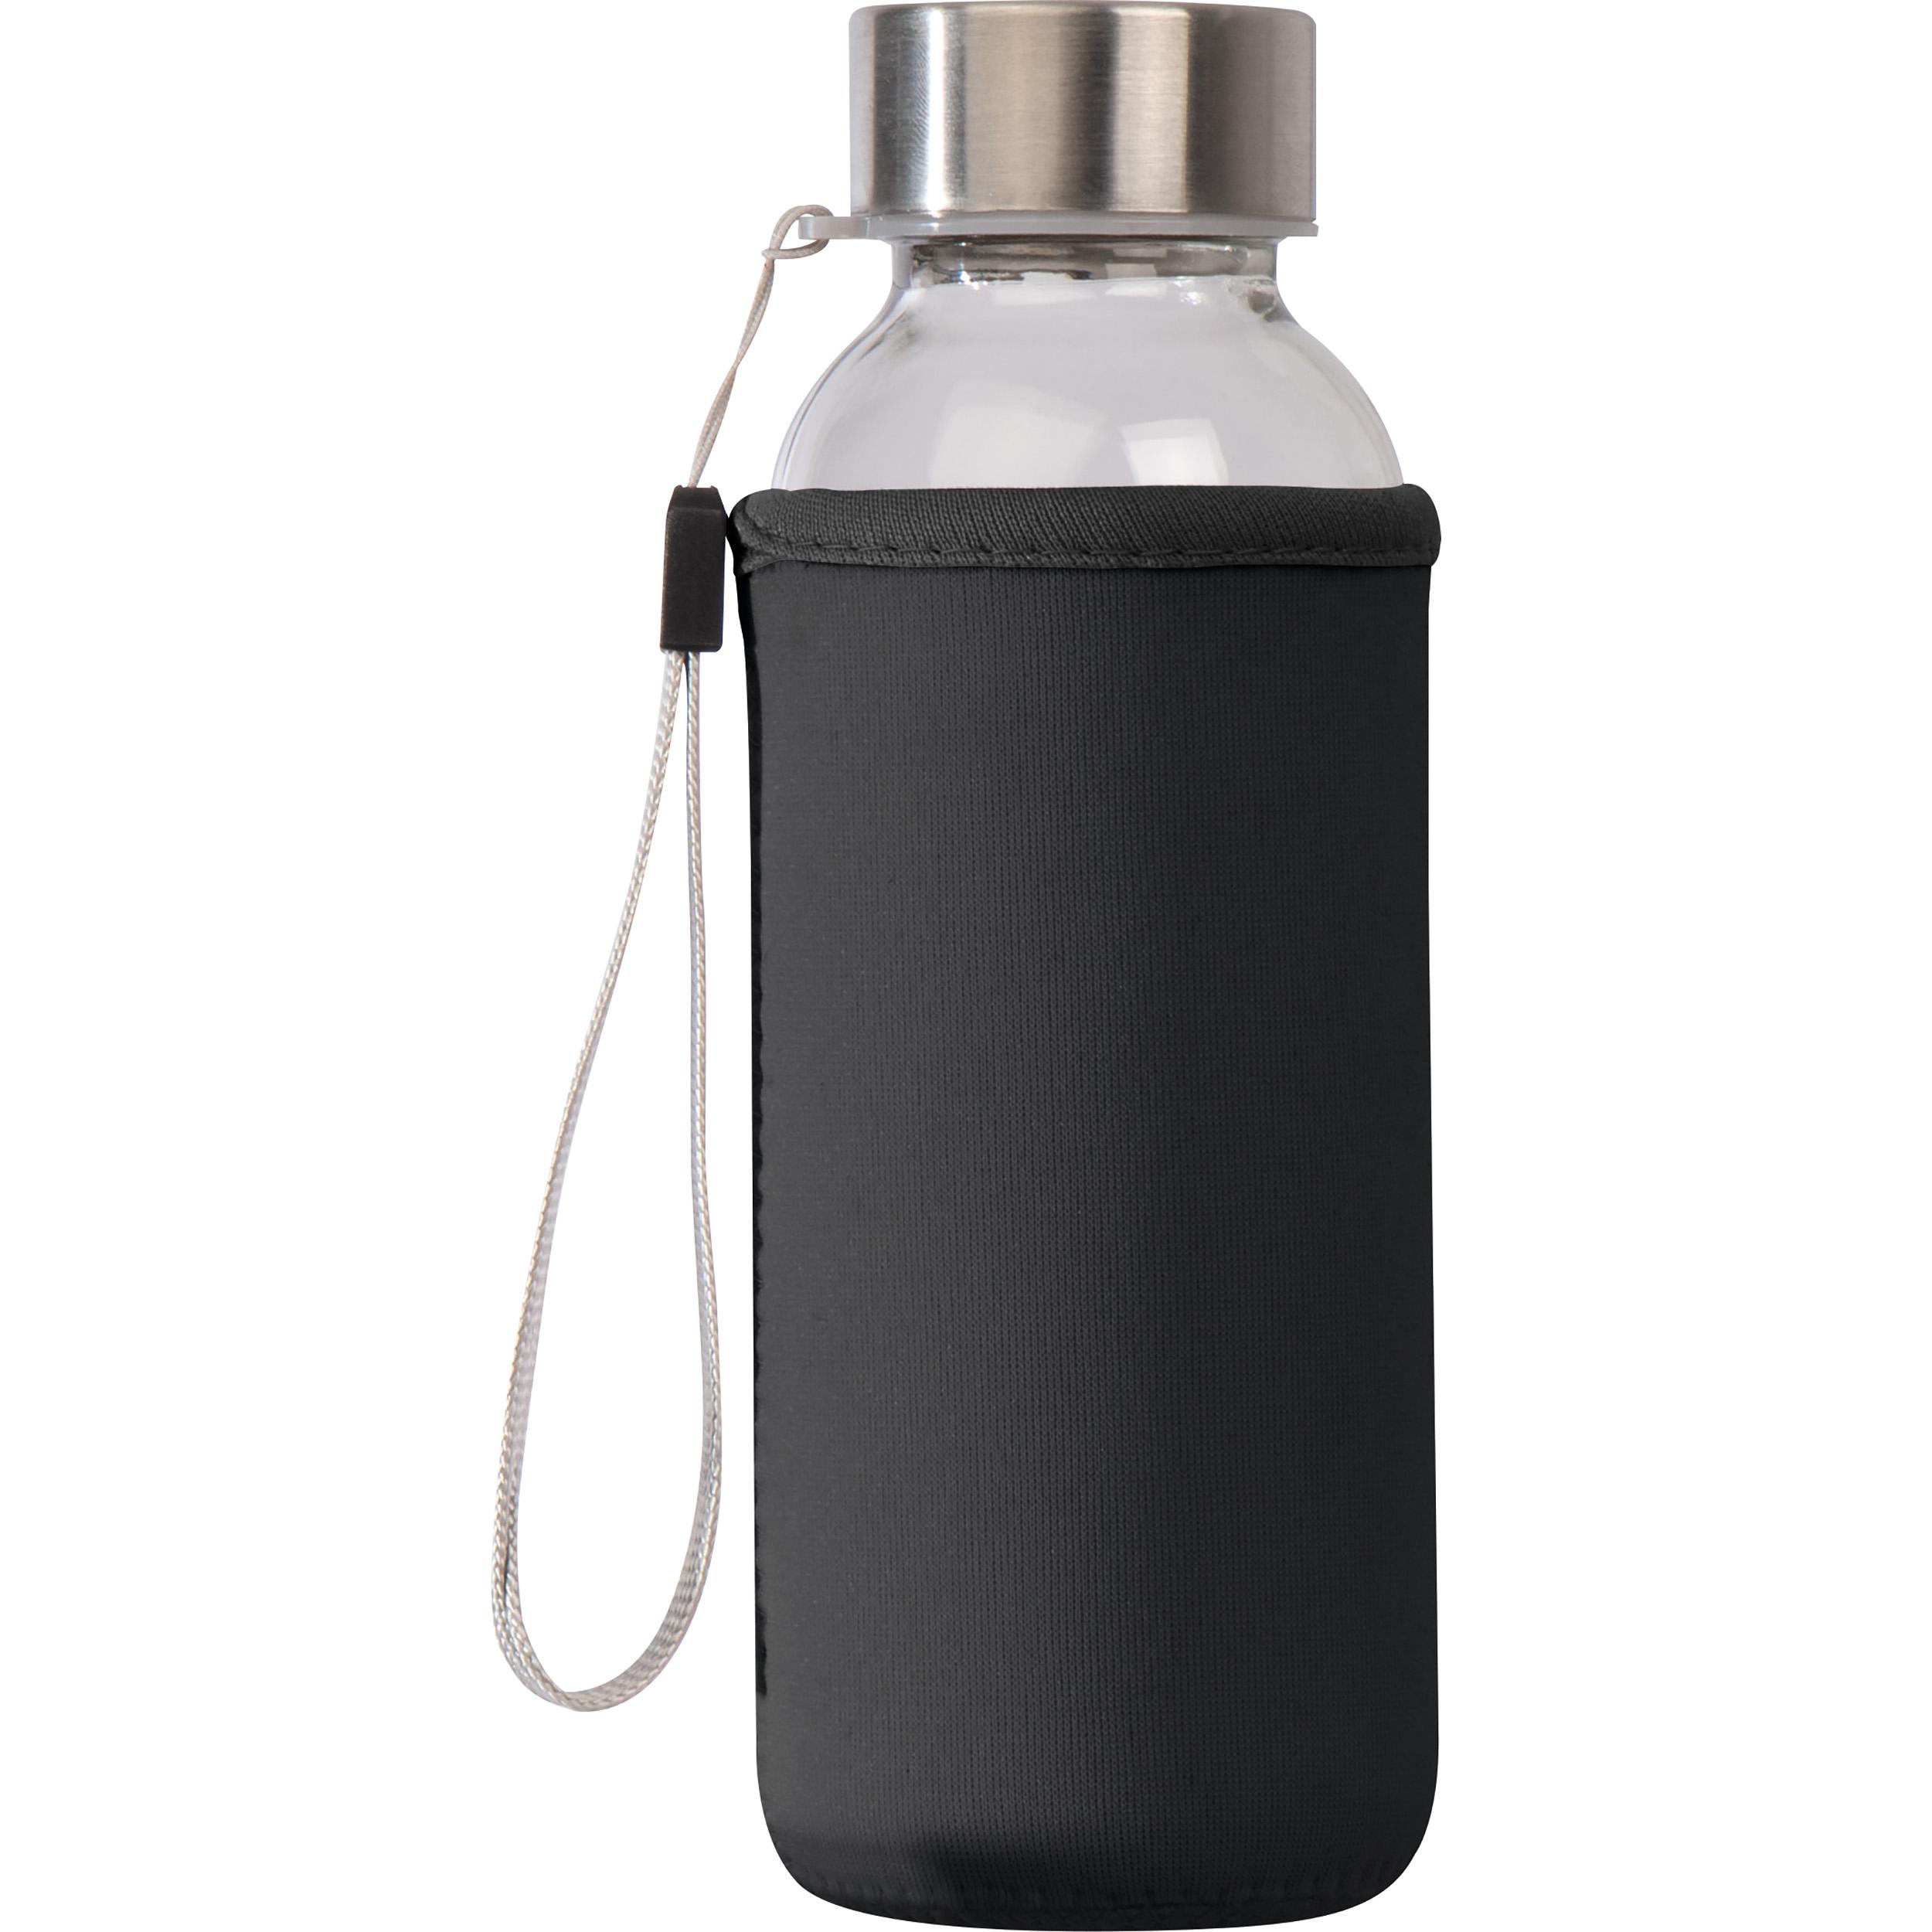 Trinkflasche mit Sleeve aus Neopren, 300 ml